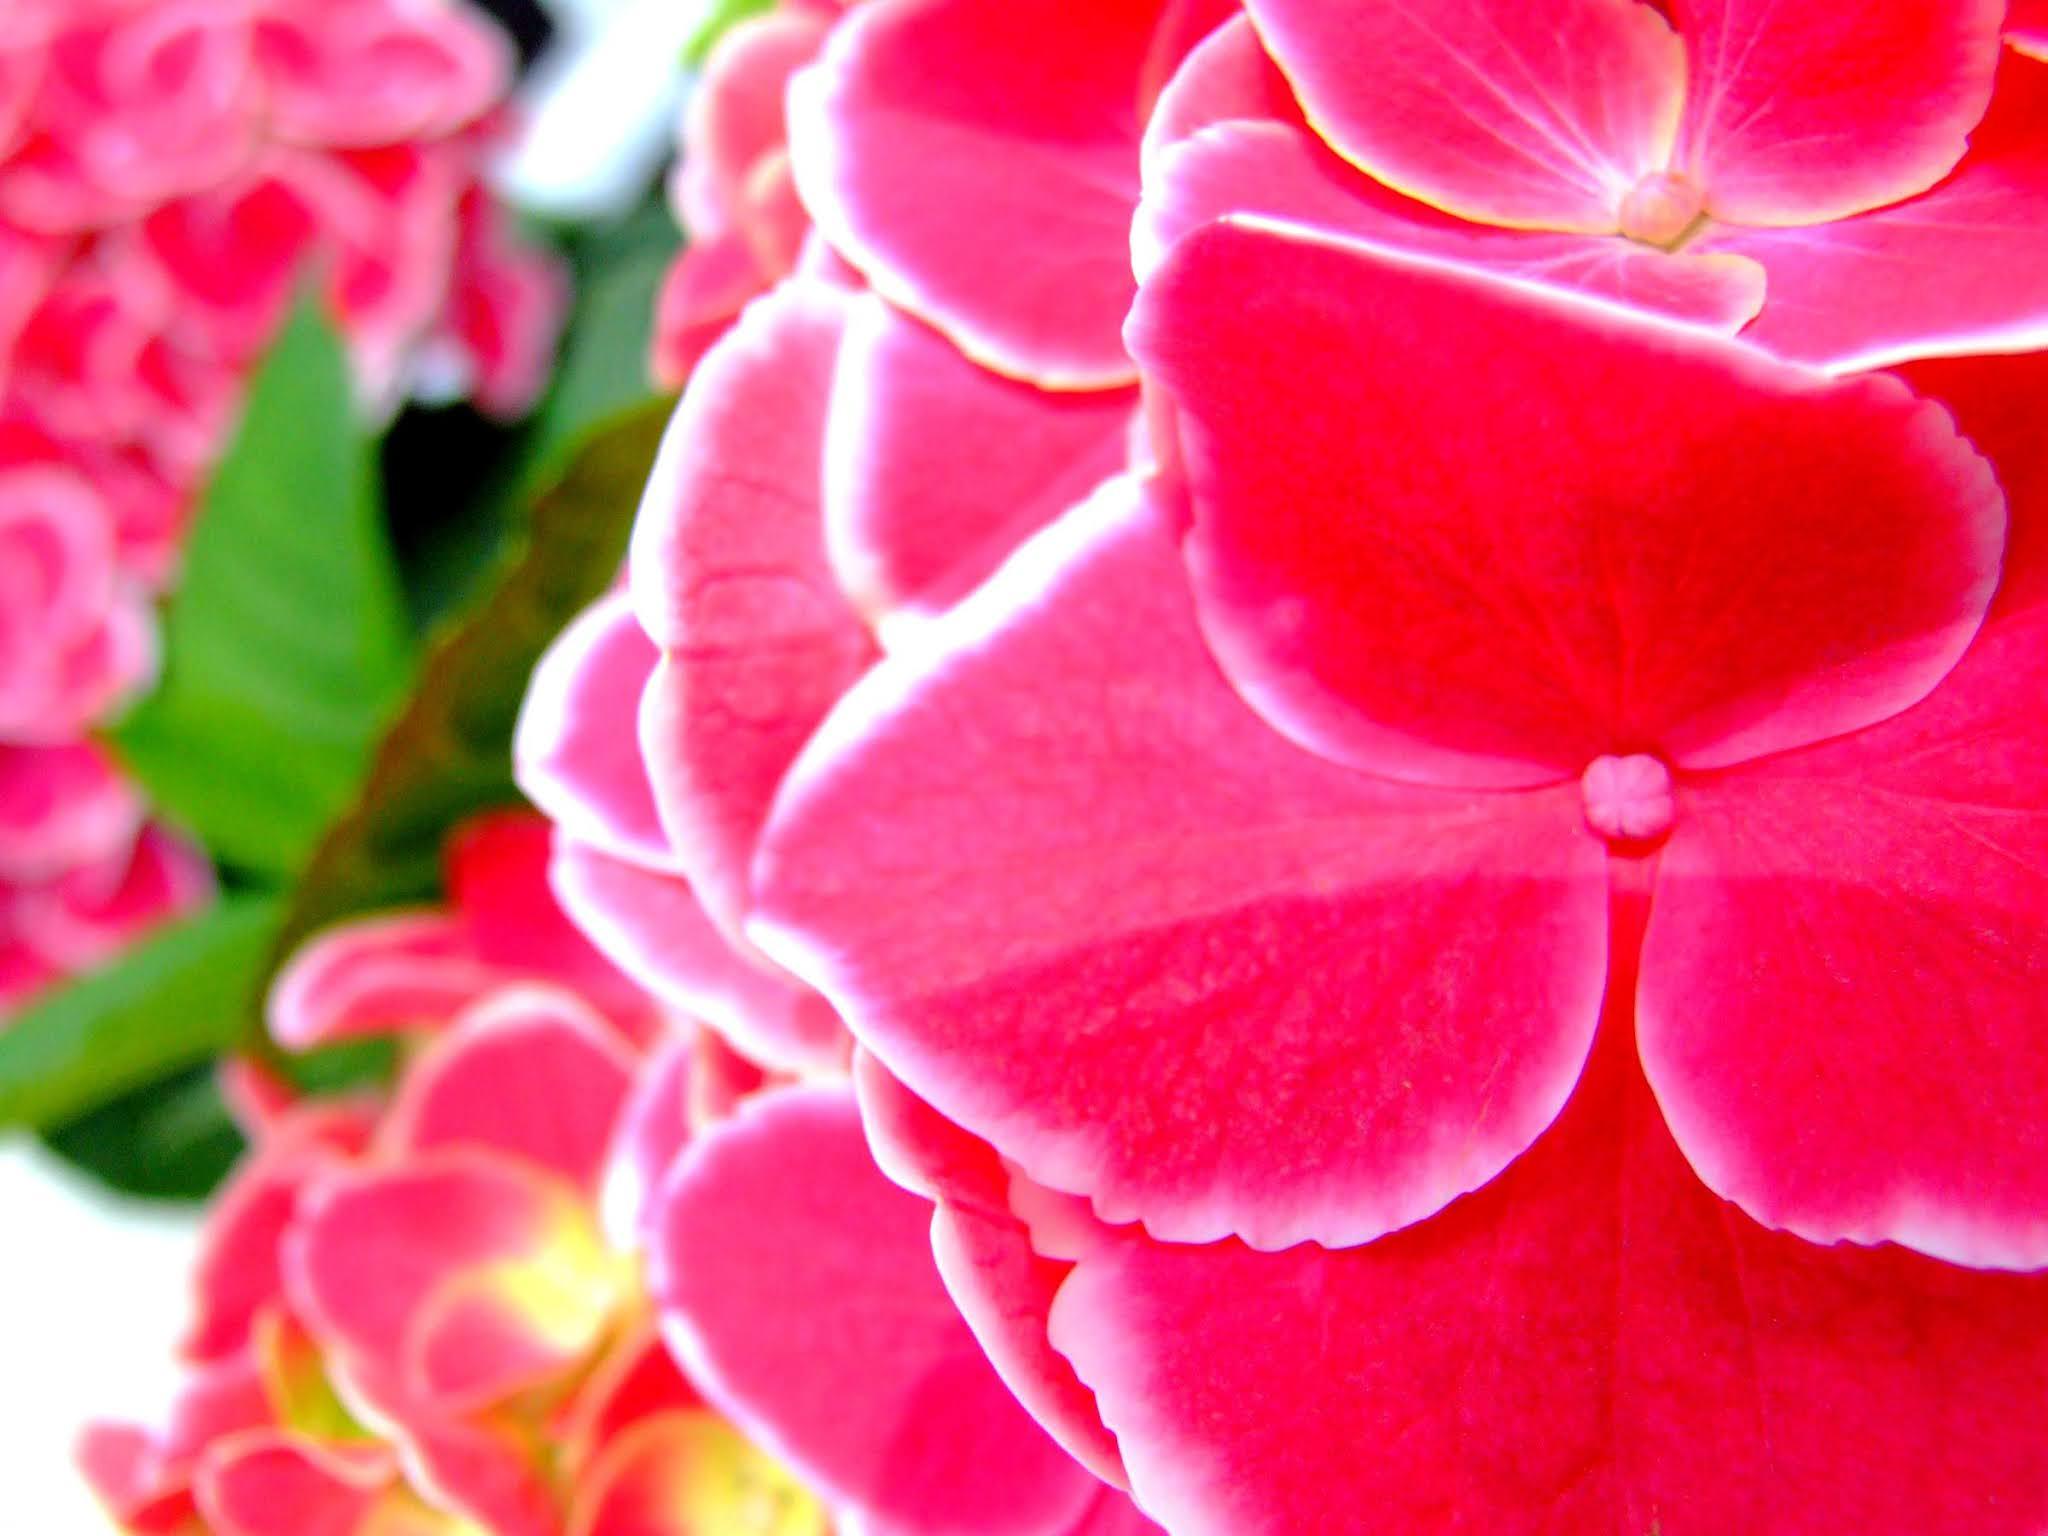 マゼンダ系の濃いピンクが鮮やかなアジサイのドアップの写真素材です。白い縁取りが印象的です。梅雨の時期のブログ記事などにどうぞ。